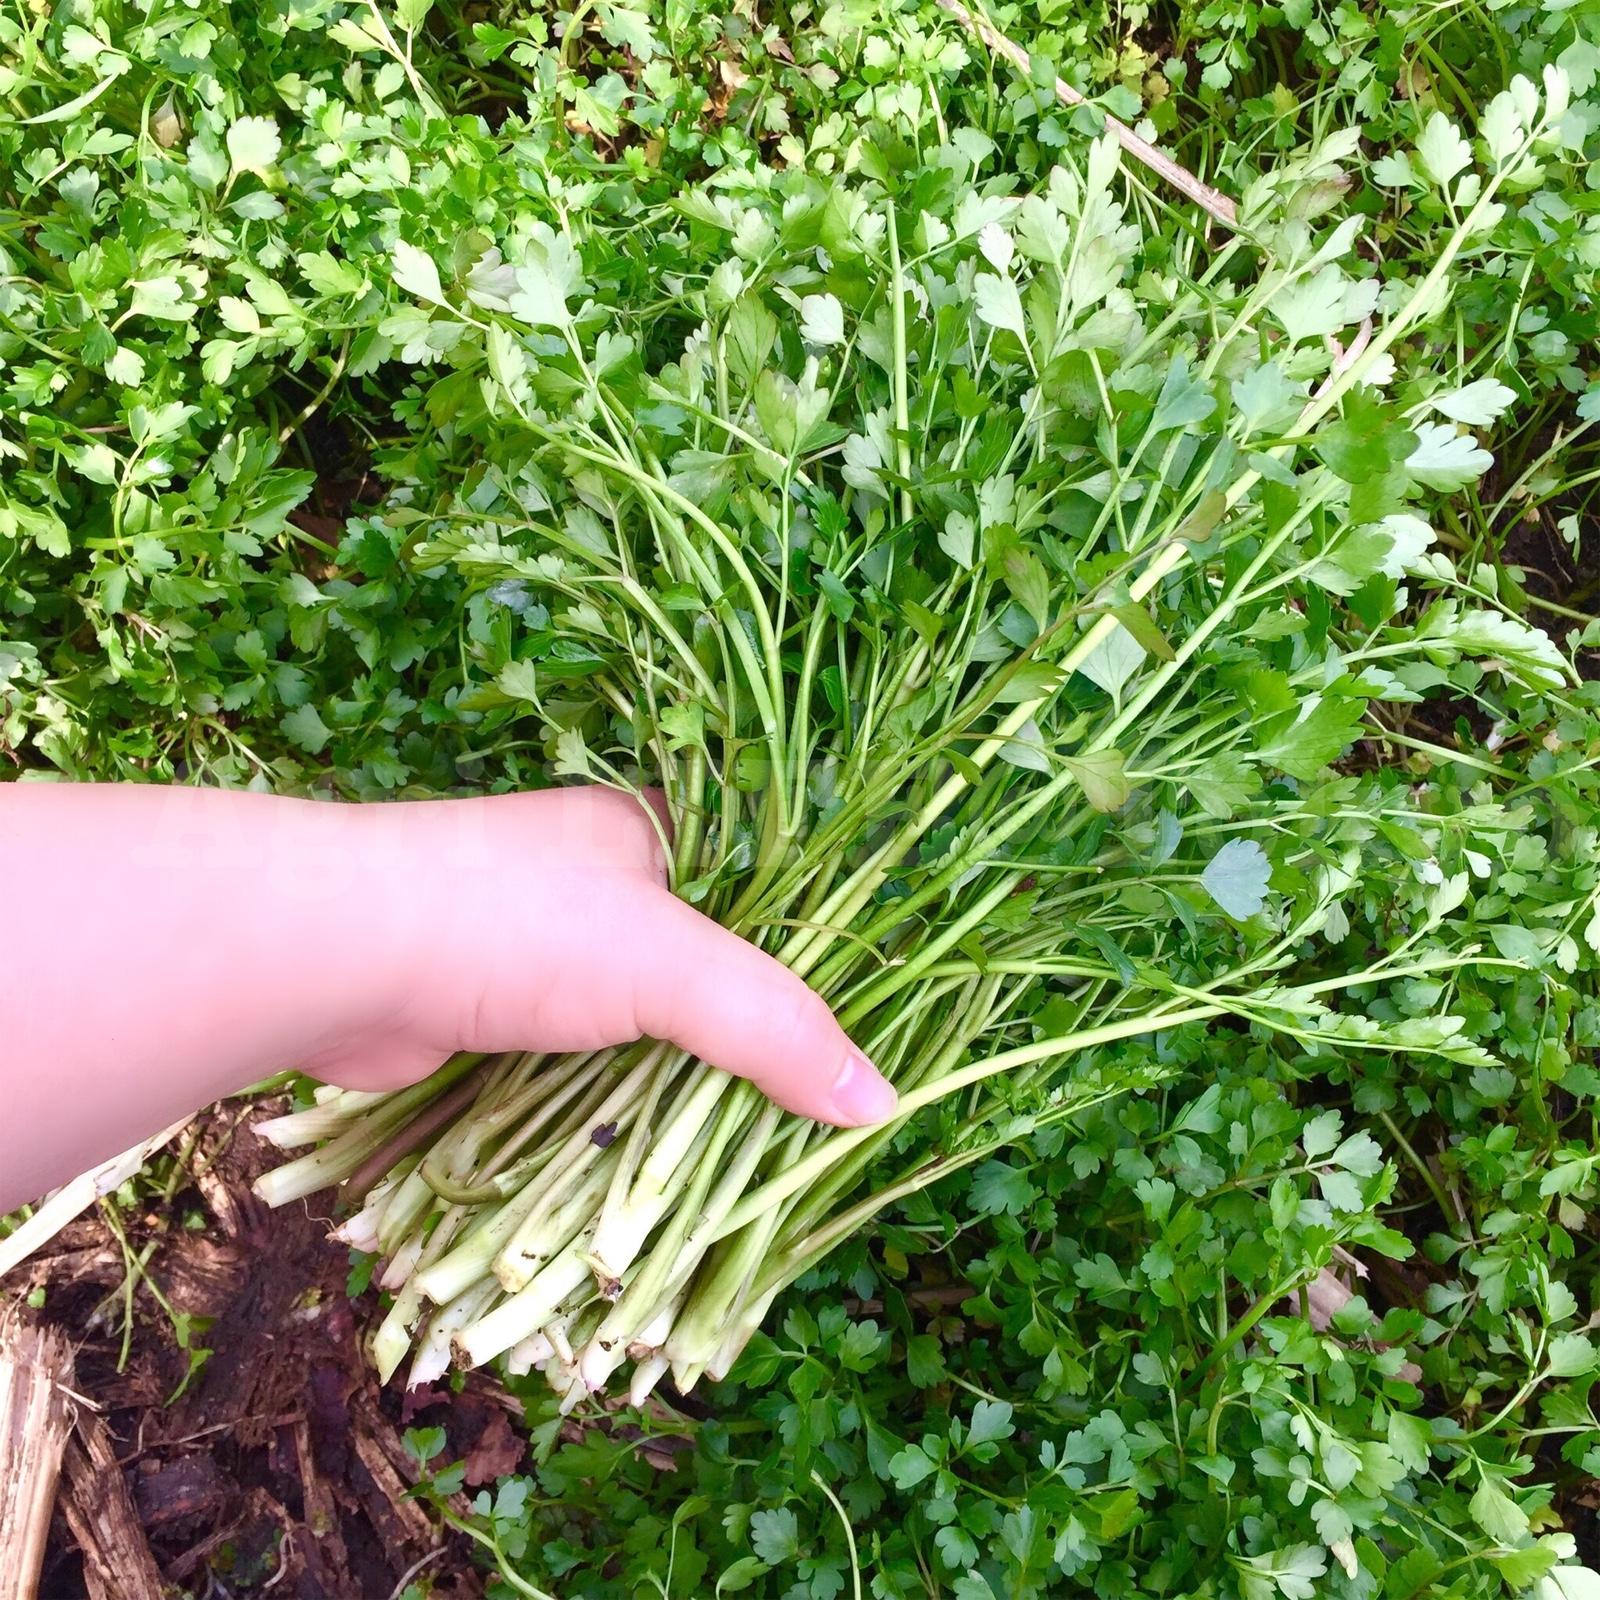 【セリ】大きくなってきました。~収穫最盛期~